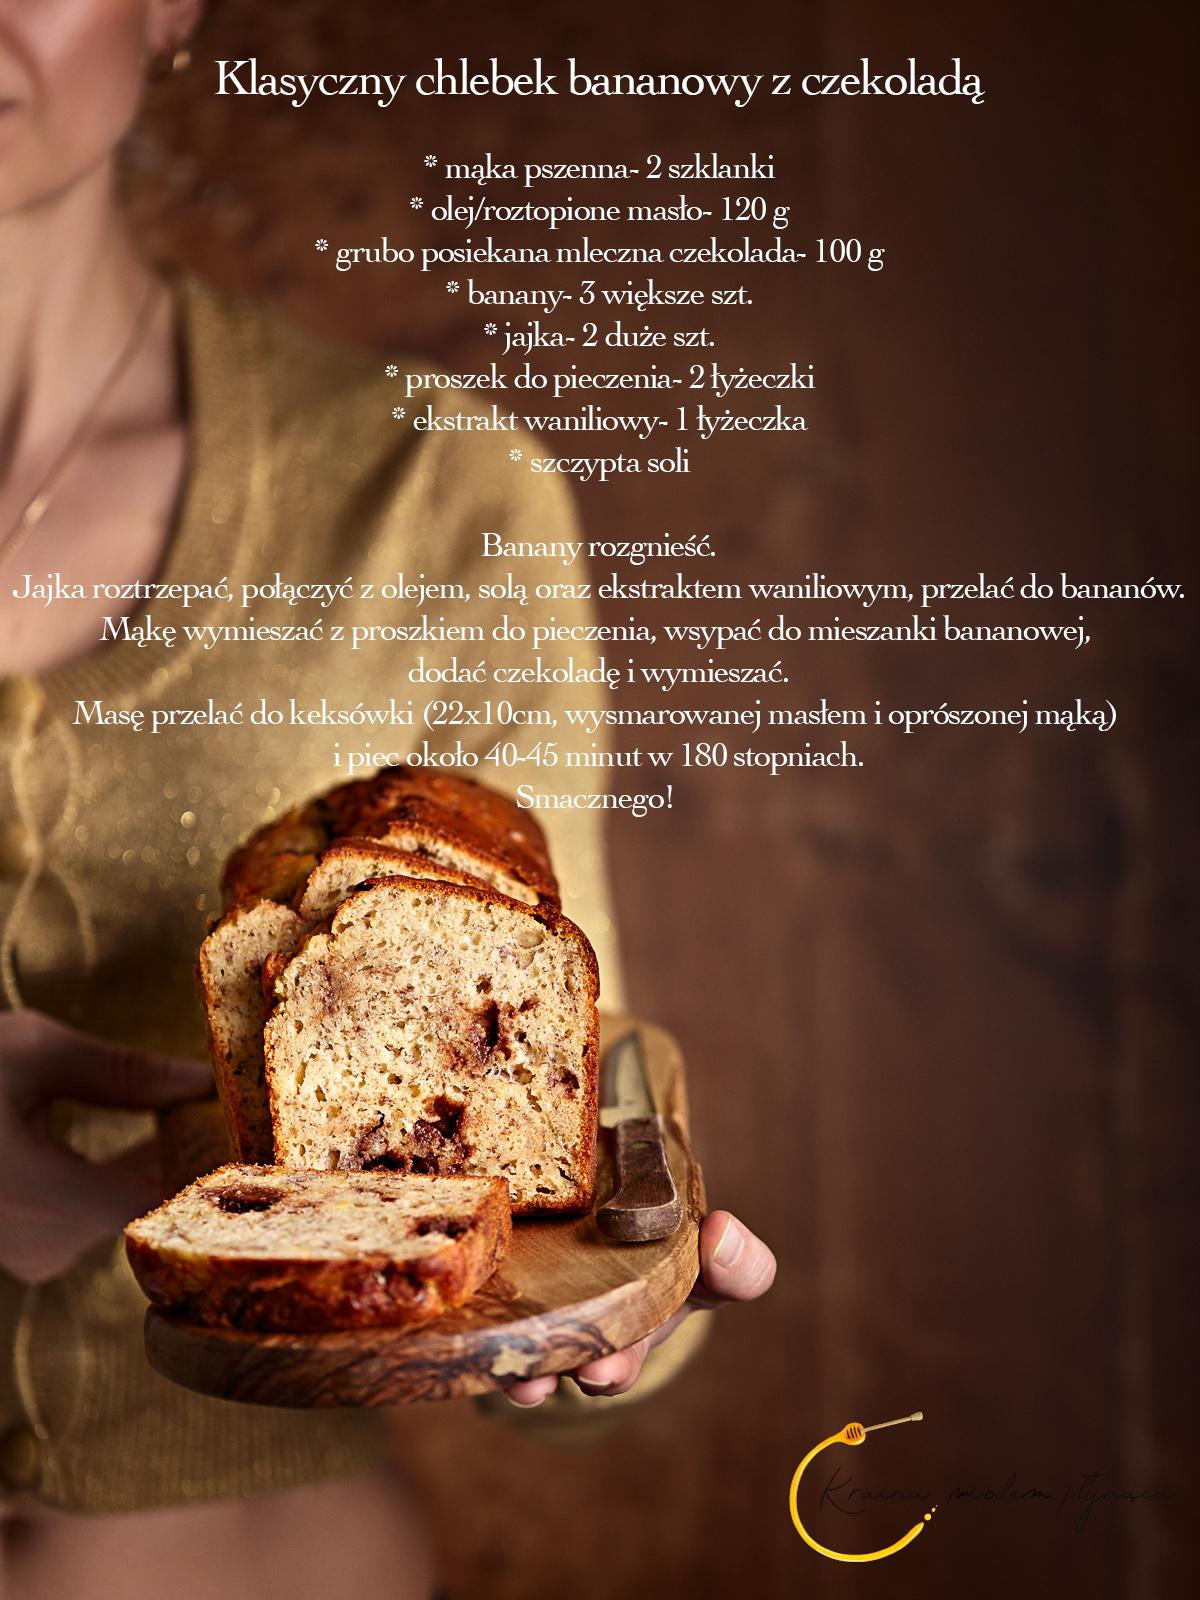 klasyczny chlebek bananowy, ciasto bananowe, chlebek z bananami, ciasto z bananami, banany i czekolada, ciasto z czekoladą, kraina miodem płynąca, fotografia kulinarna szczecin